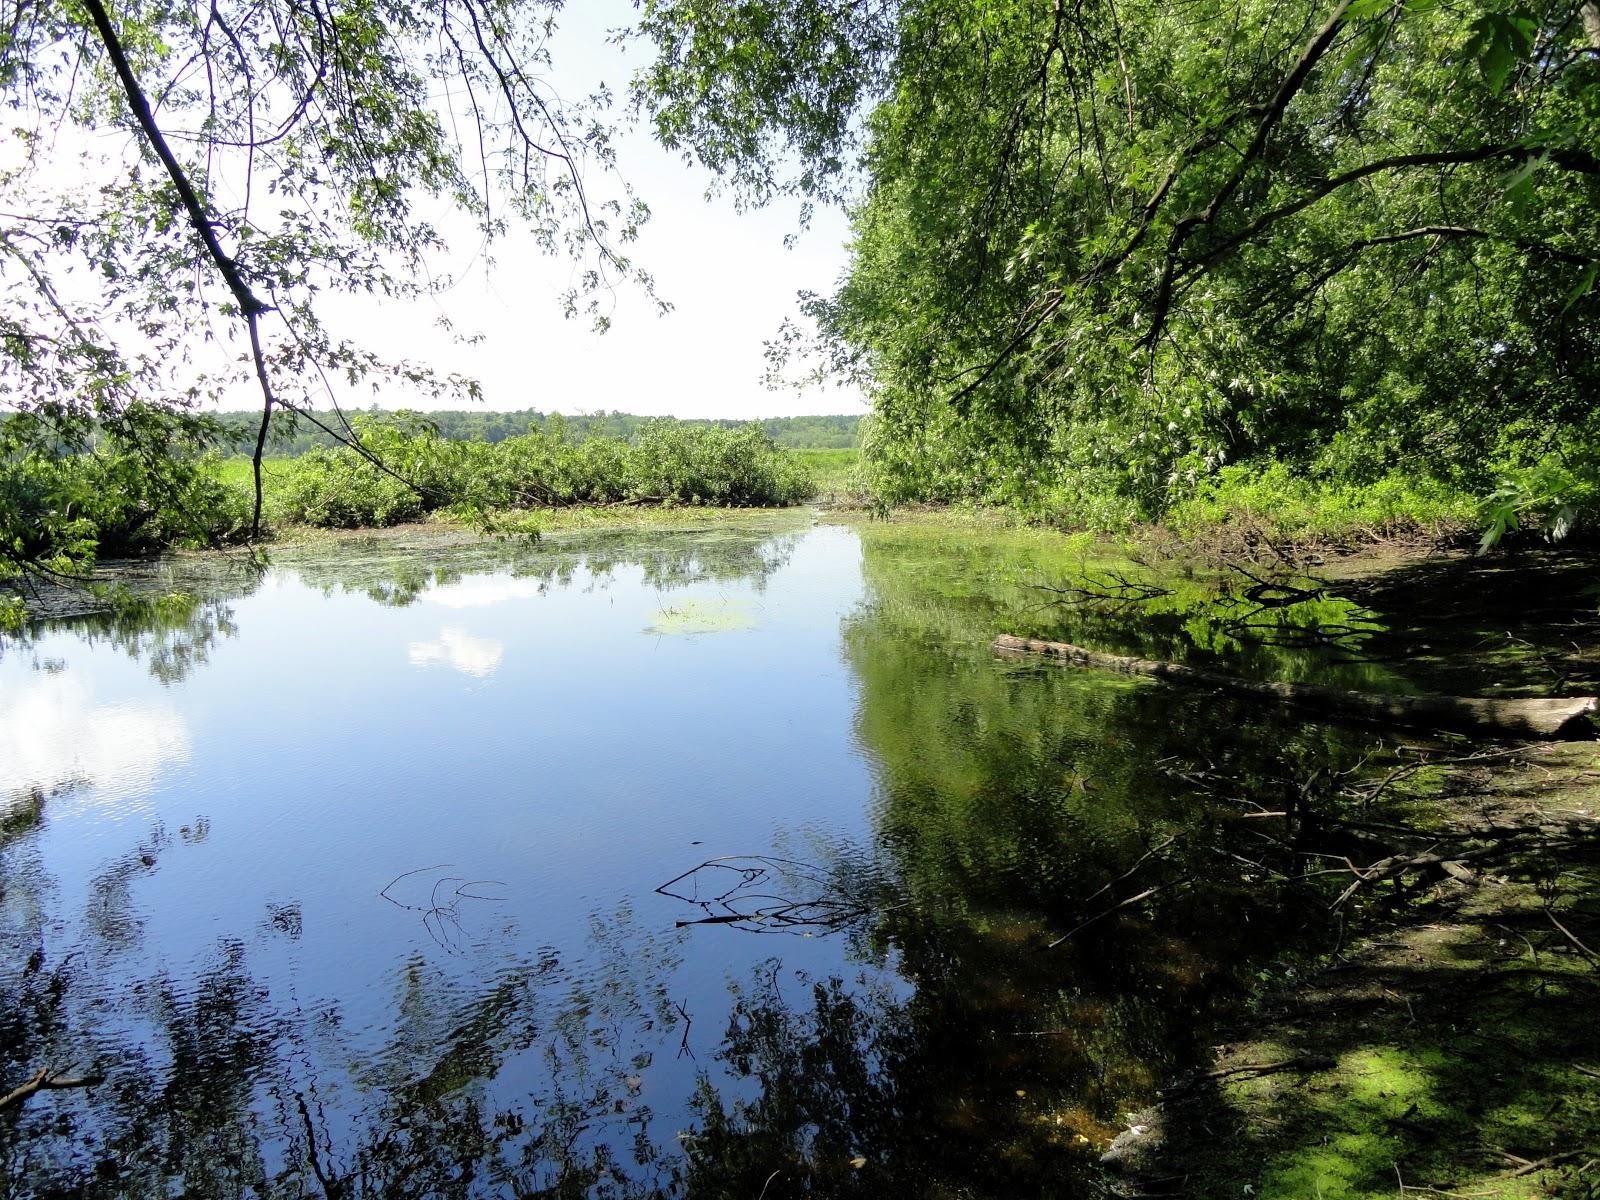 Sudbury_River_(Wayland_Massachusetts)_-_DSC00512.JPG